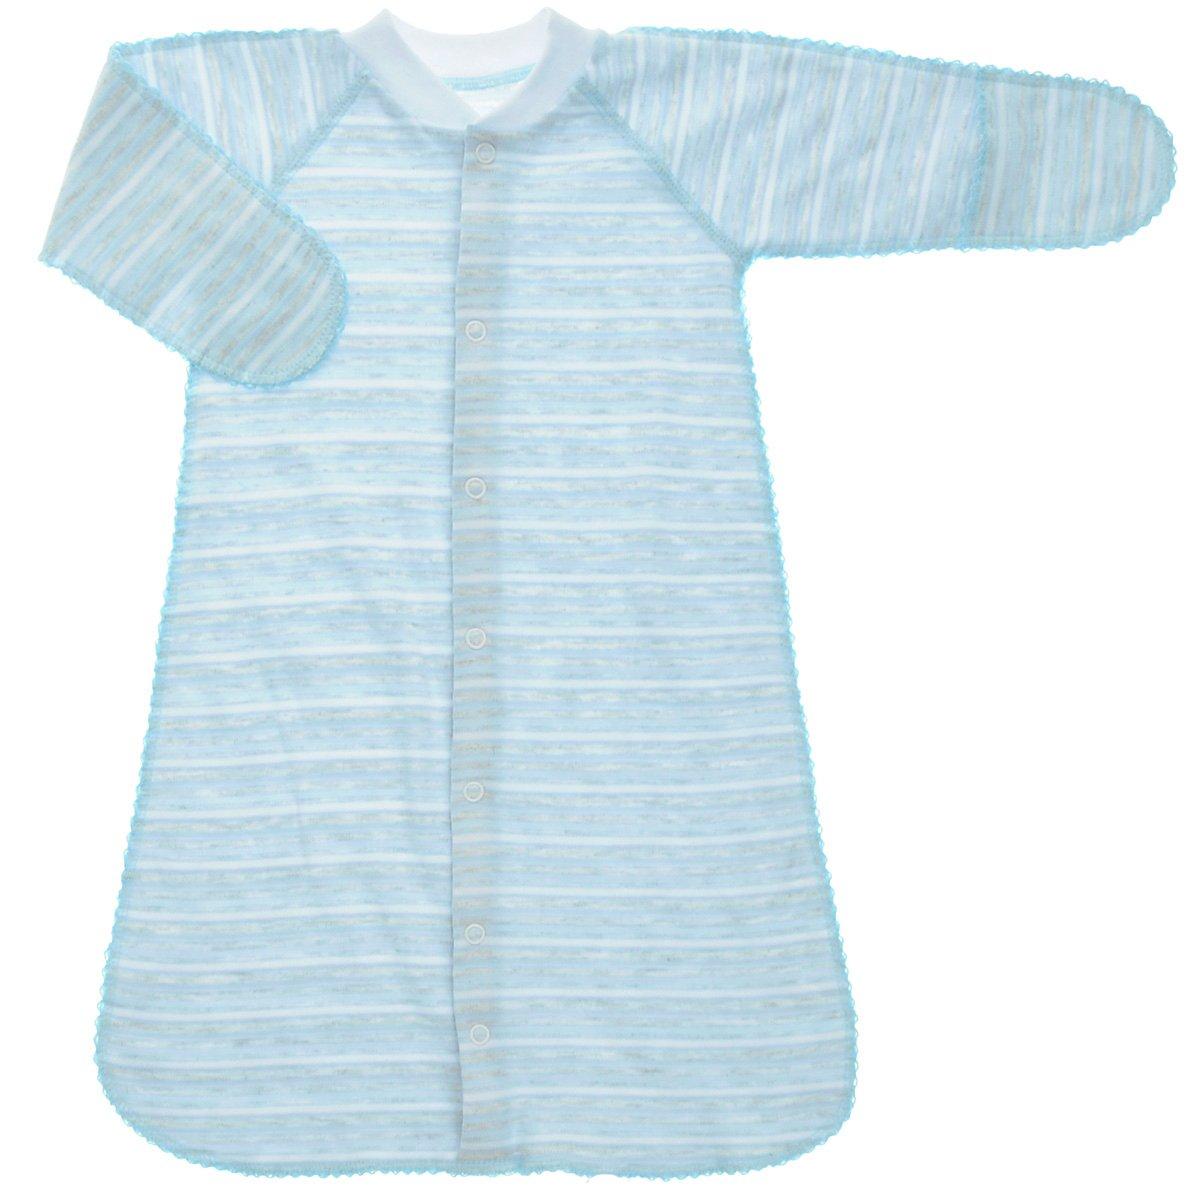 Спальный мешок (швы наружу) 39-528н